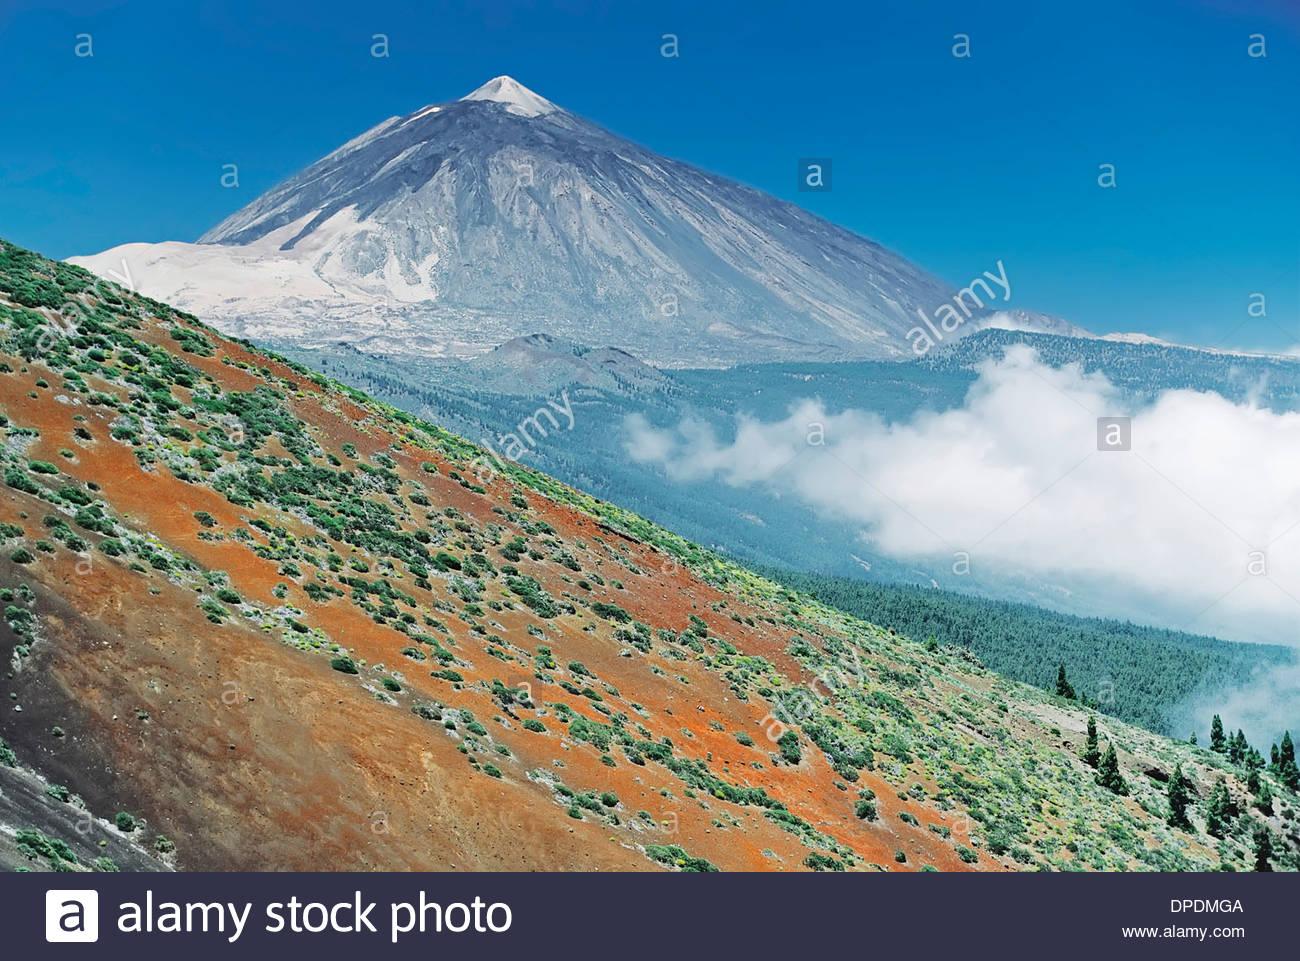 Der Berg Teide, Teneriffa, Kanarische Inseln, Spanien Stockbild